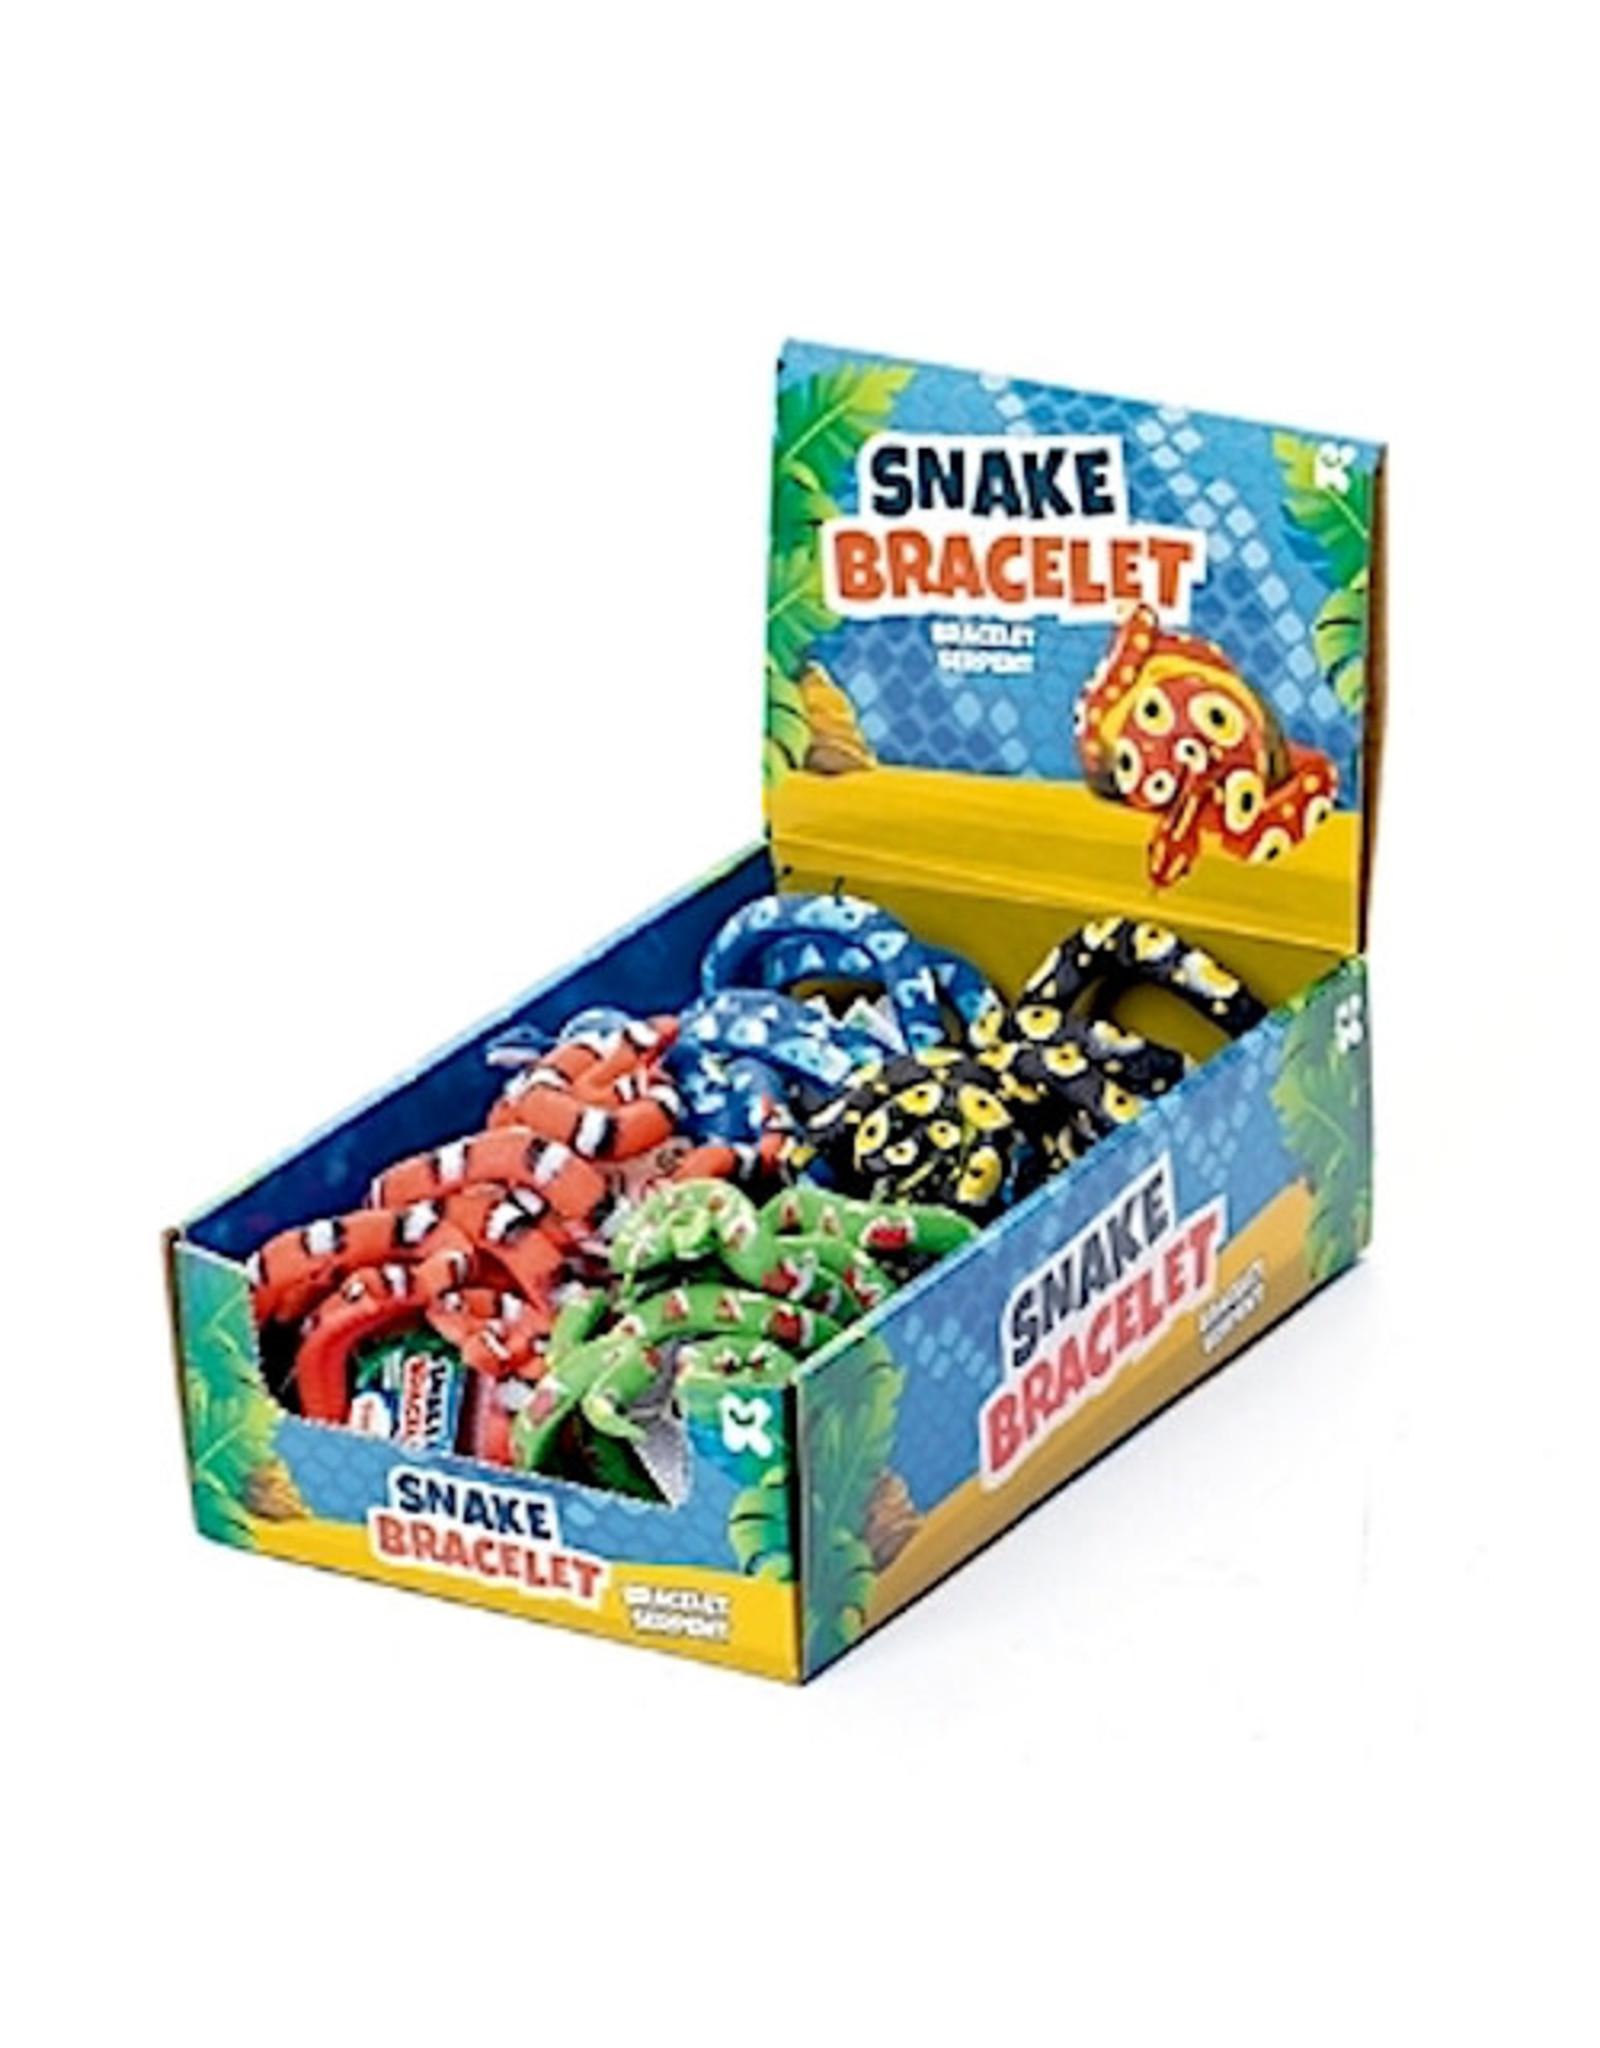 Keycraft Keycraft coiled snake bracelet